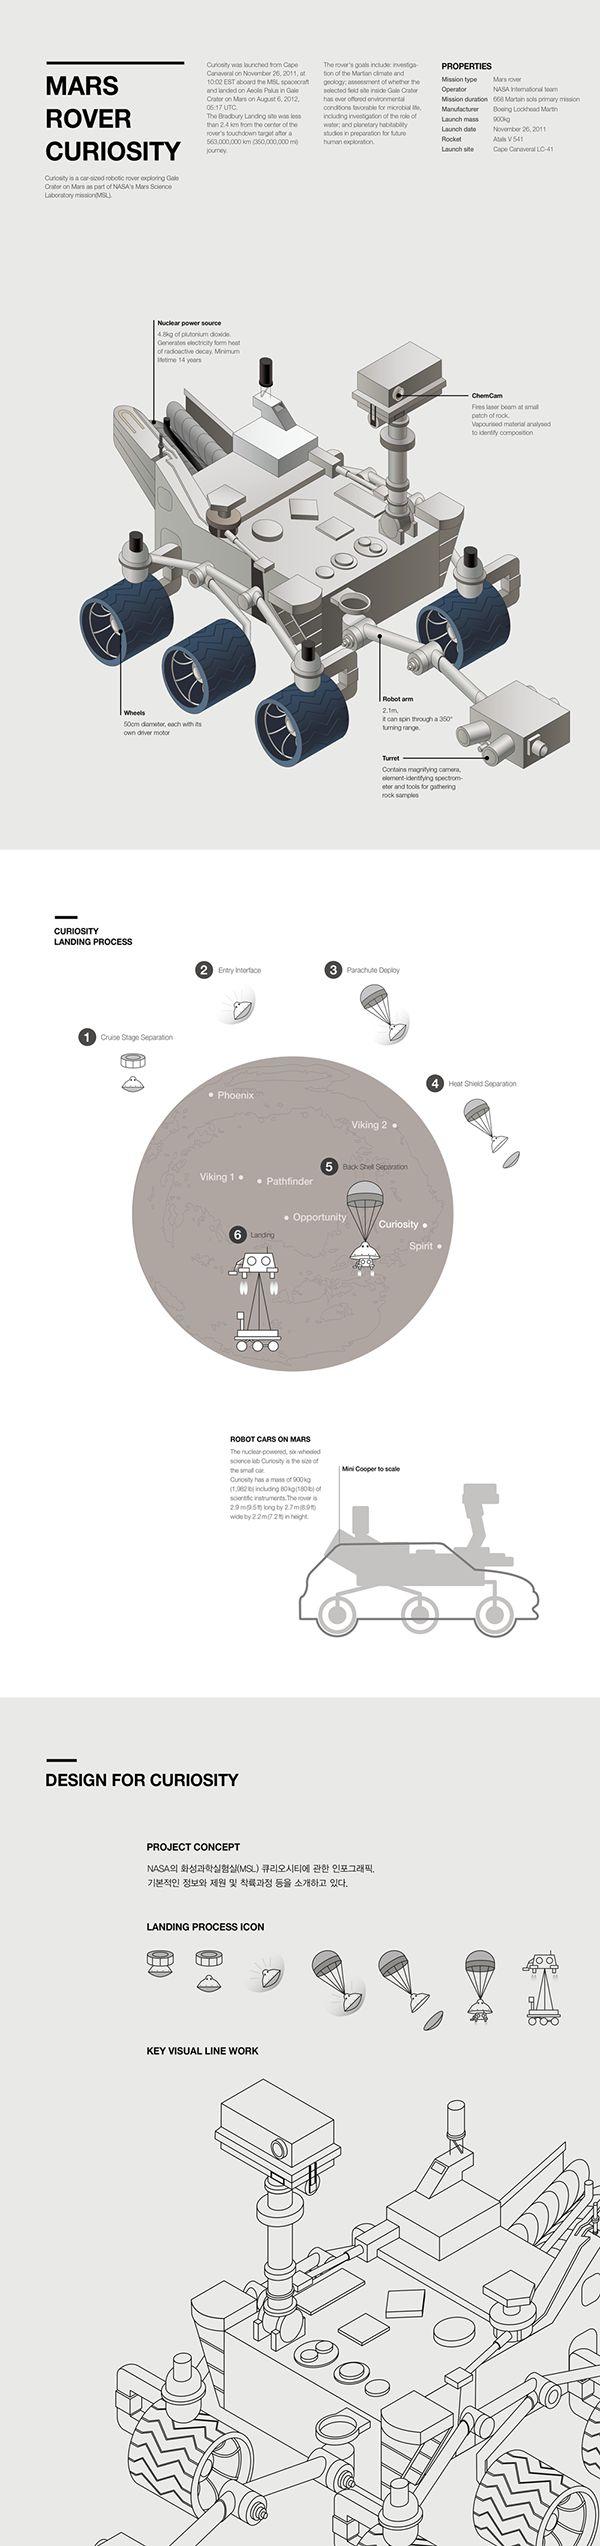 홍영인│ Information Design 2014│ Dept. of Digital Media Design │#hicoda │hicoda.hongik.ac.kr